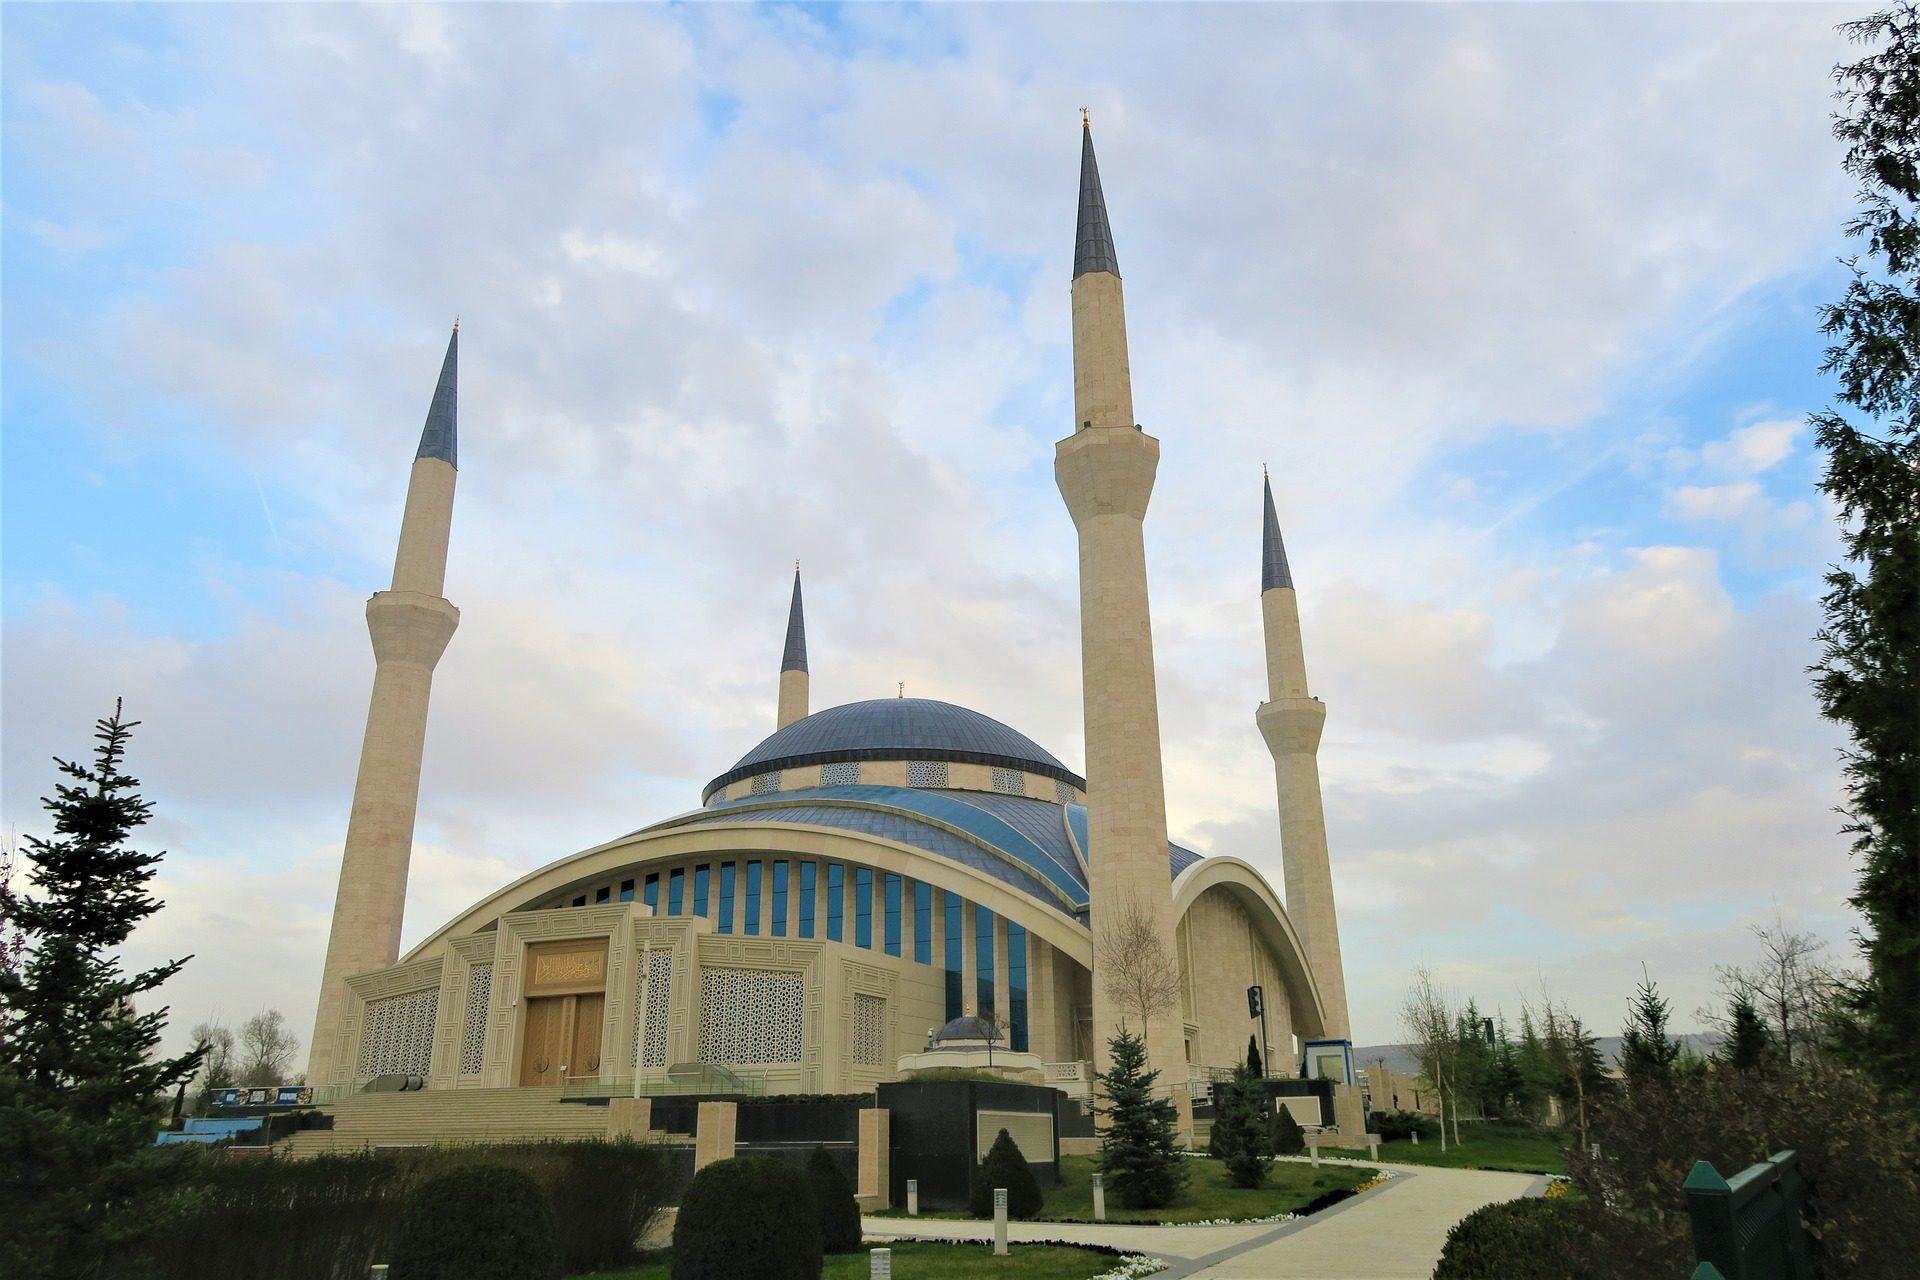 Chiesa, costruzione, architettura, Torres, religione, Minareto - Sfondi HD - Professor-falken.com